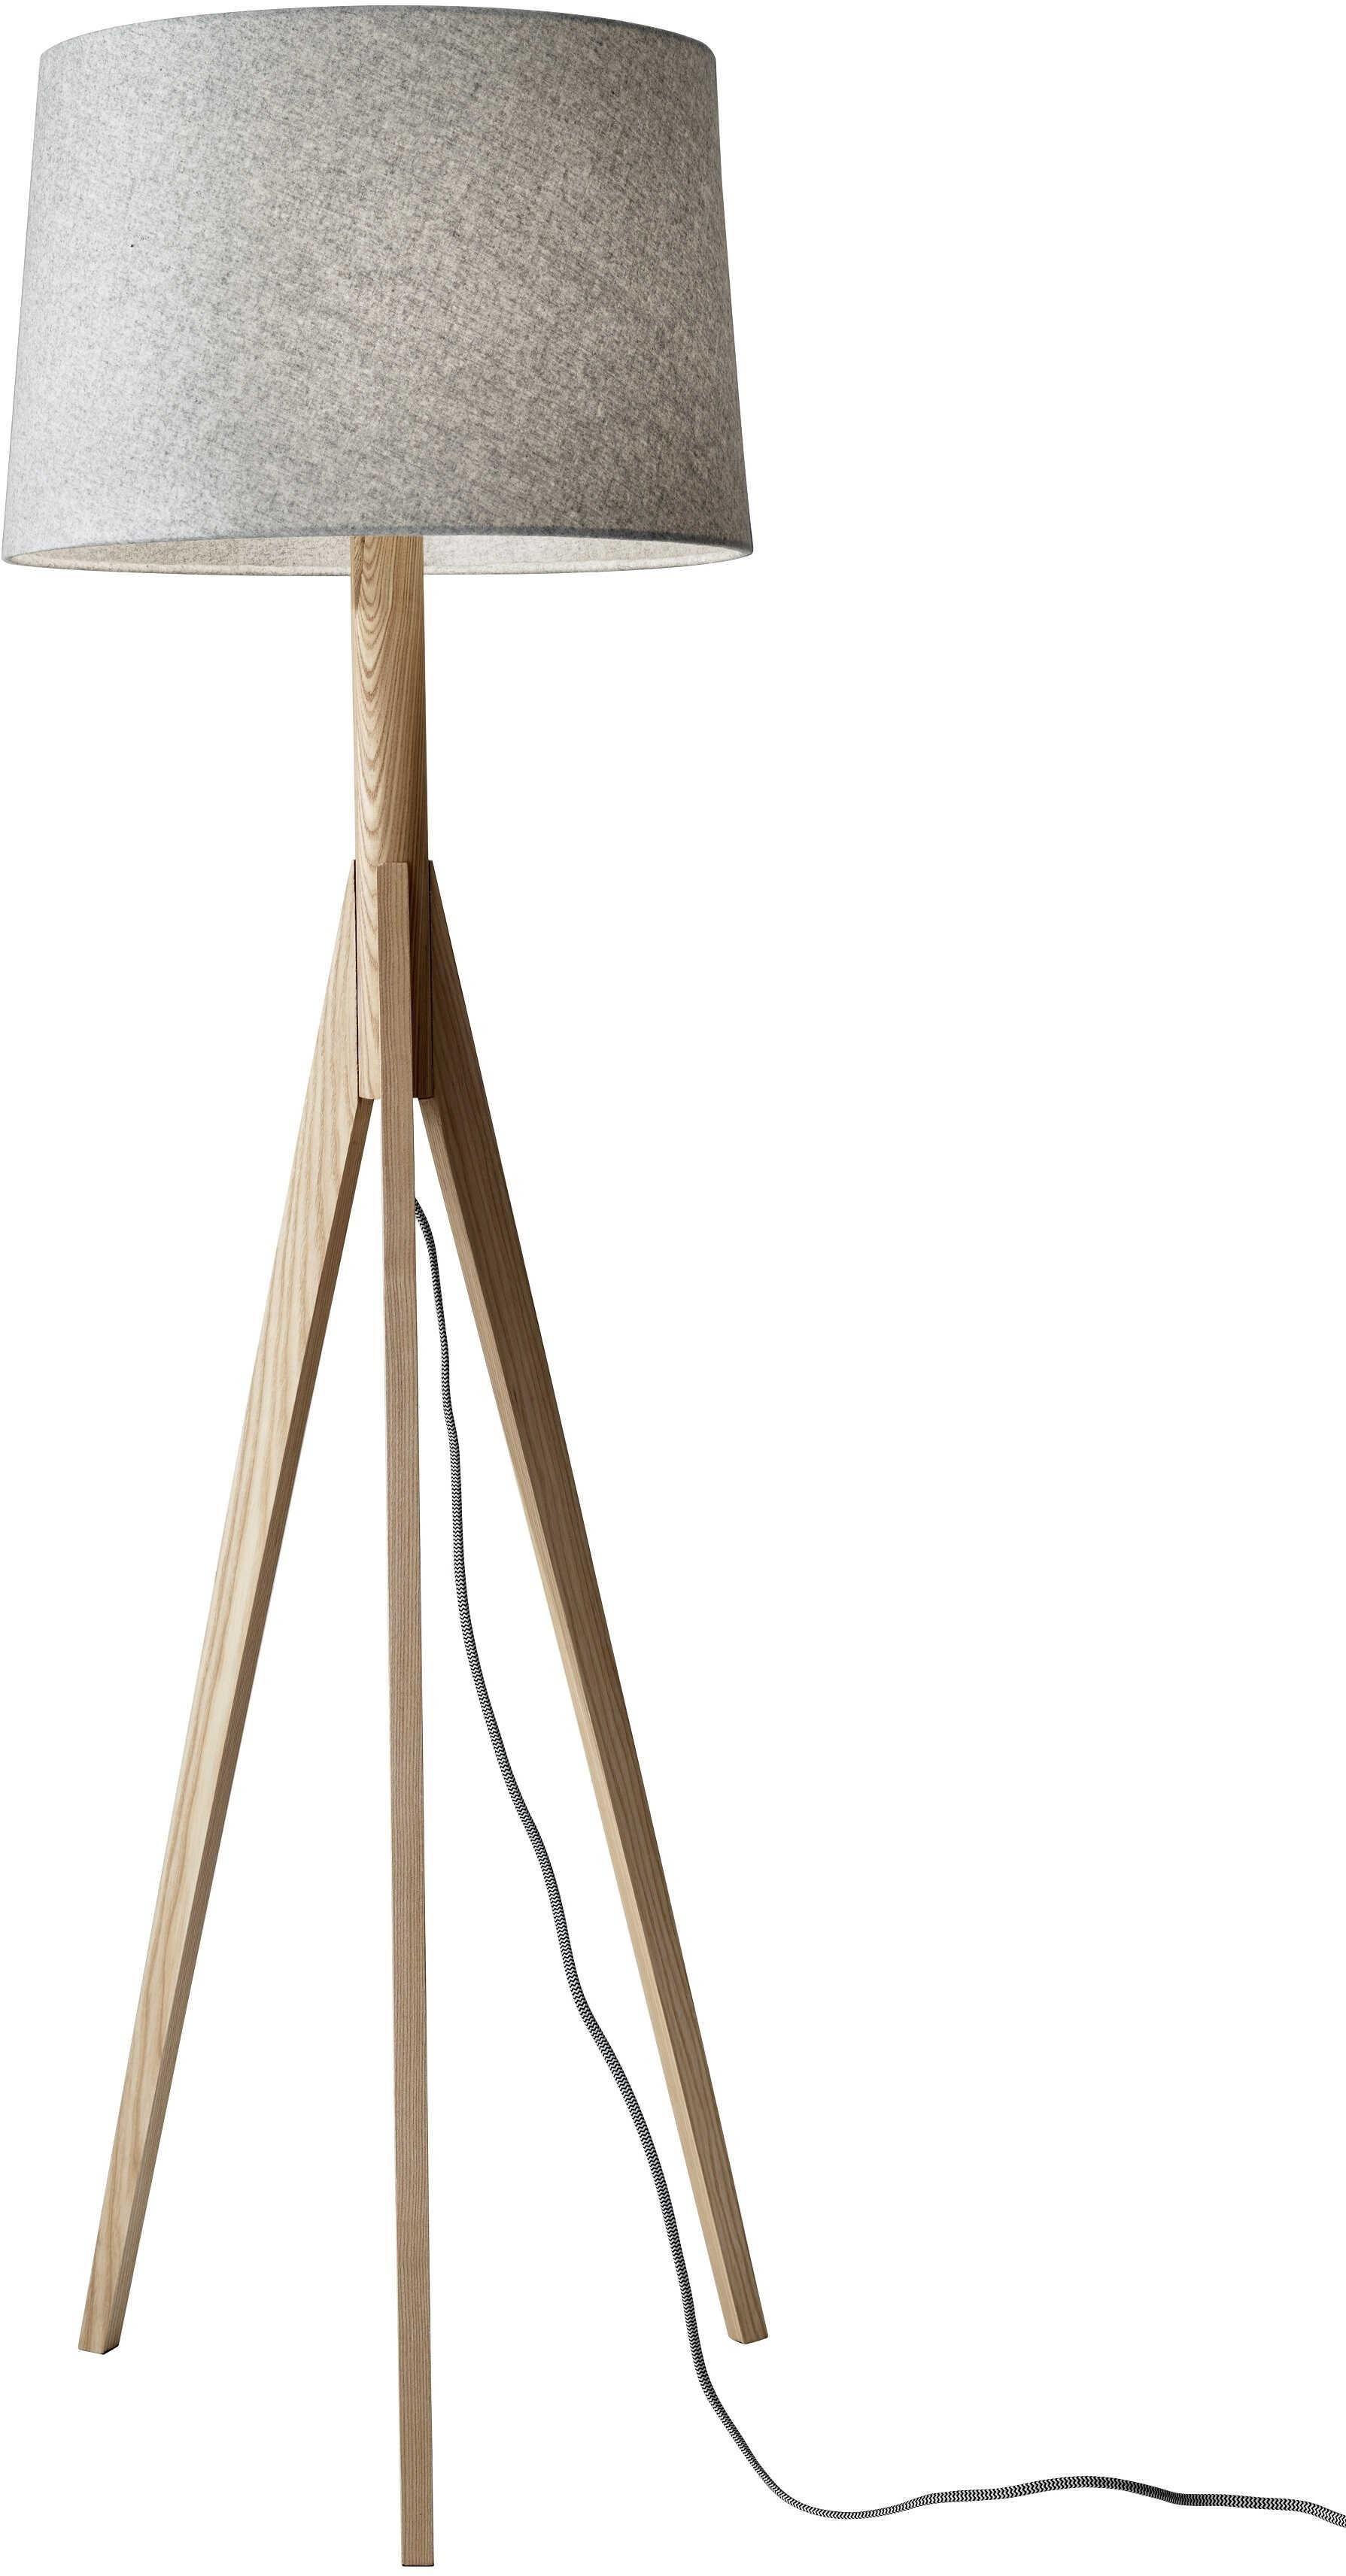 Adessodirect Rustic Floor Lamps Floor Lamp Tripod Floor Lamps